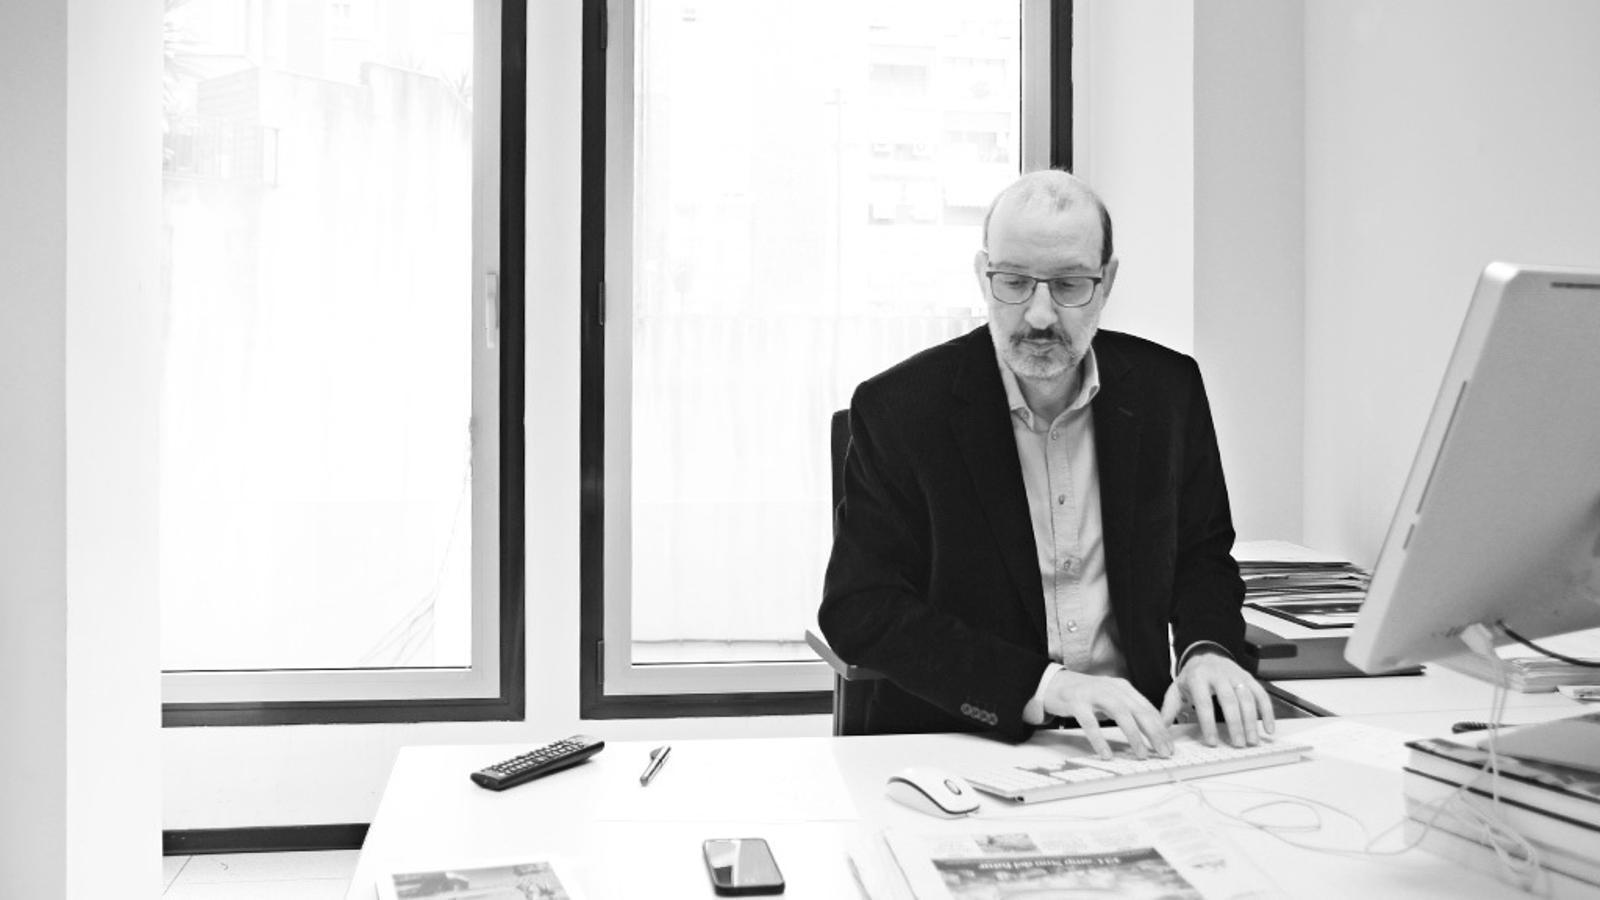 L'editorial d'Antoni Bassas: L'arma que ens derrota